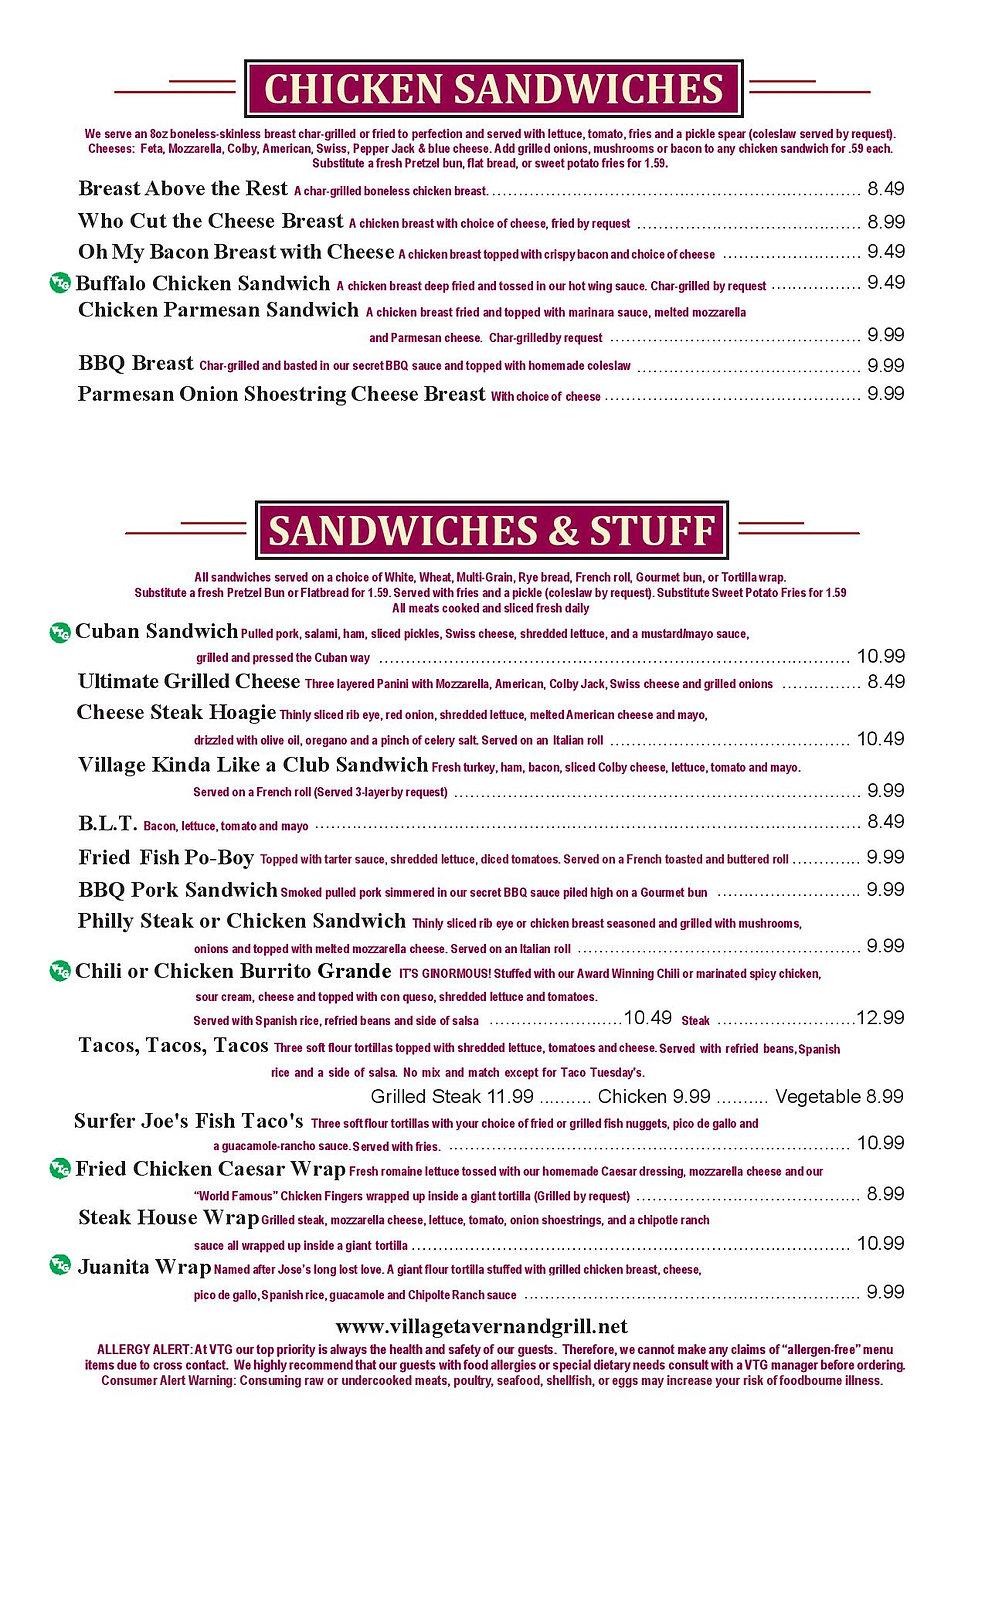 VTG Schaumburg Menu 4.16.20-page-003.jpg